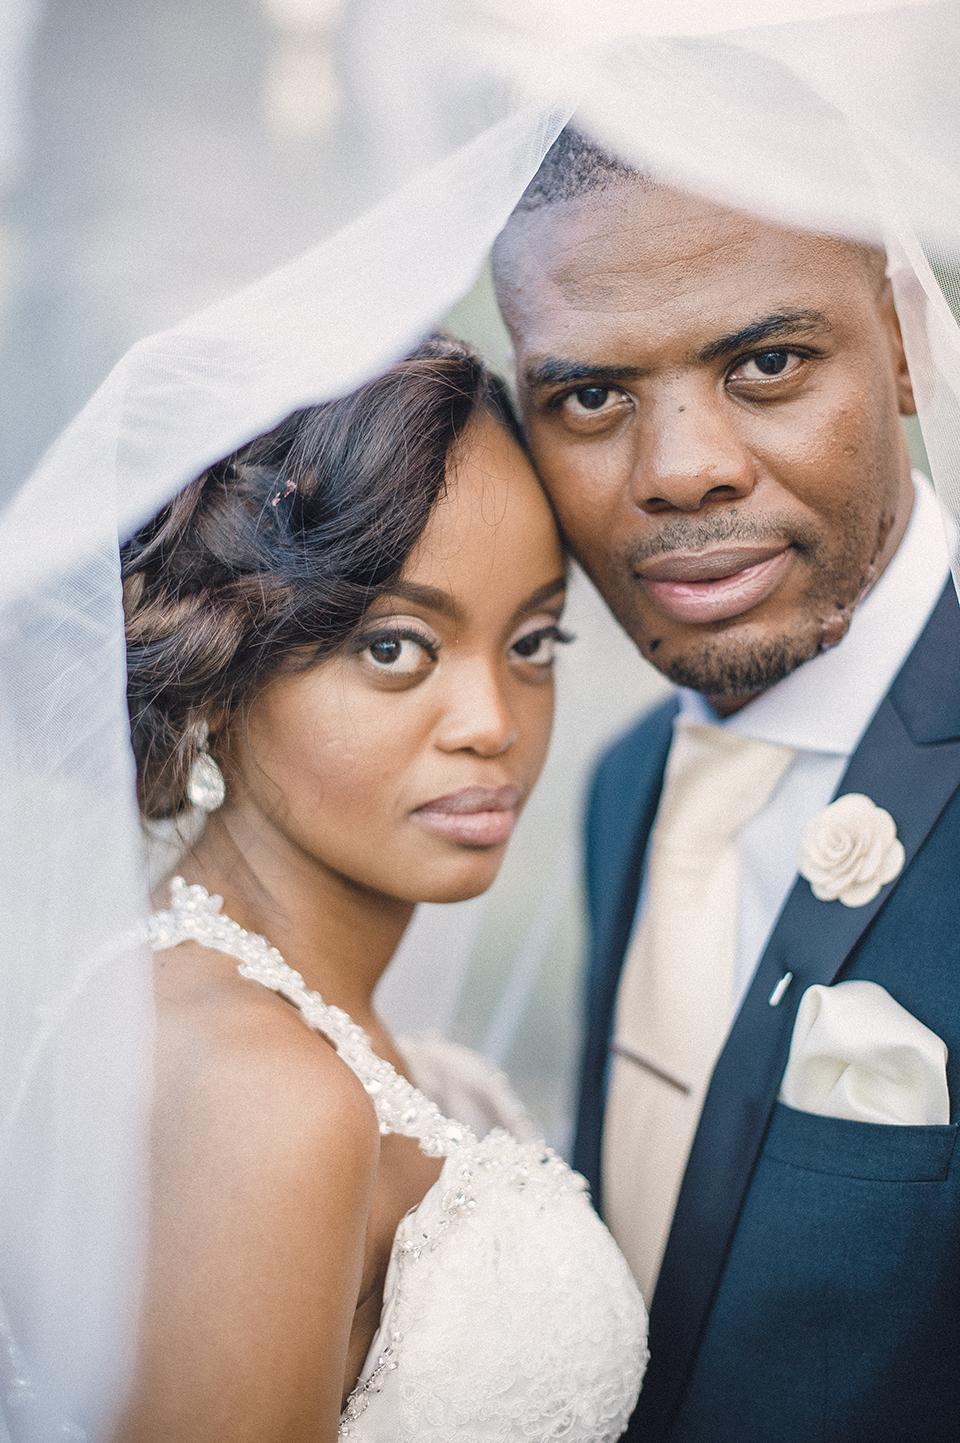 RyanParker_WeddingPhotographer_FineArt_CapeTown_Johannesburg_Hermanus_Avianto_T&L_DSC_9329.jpg